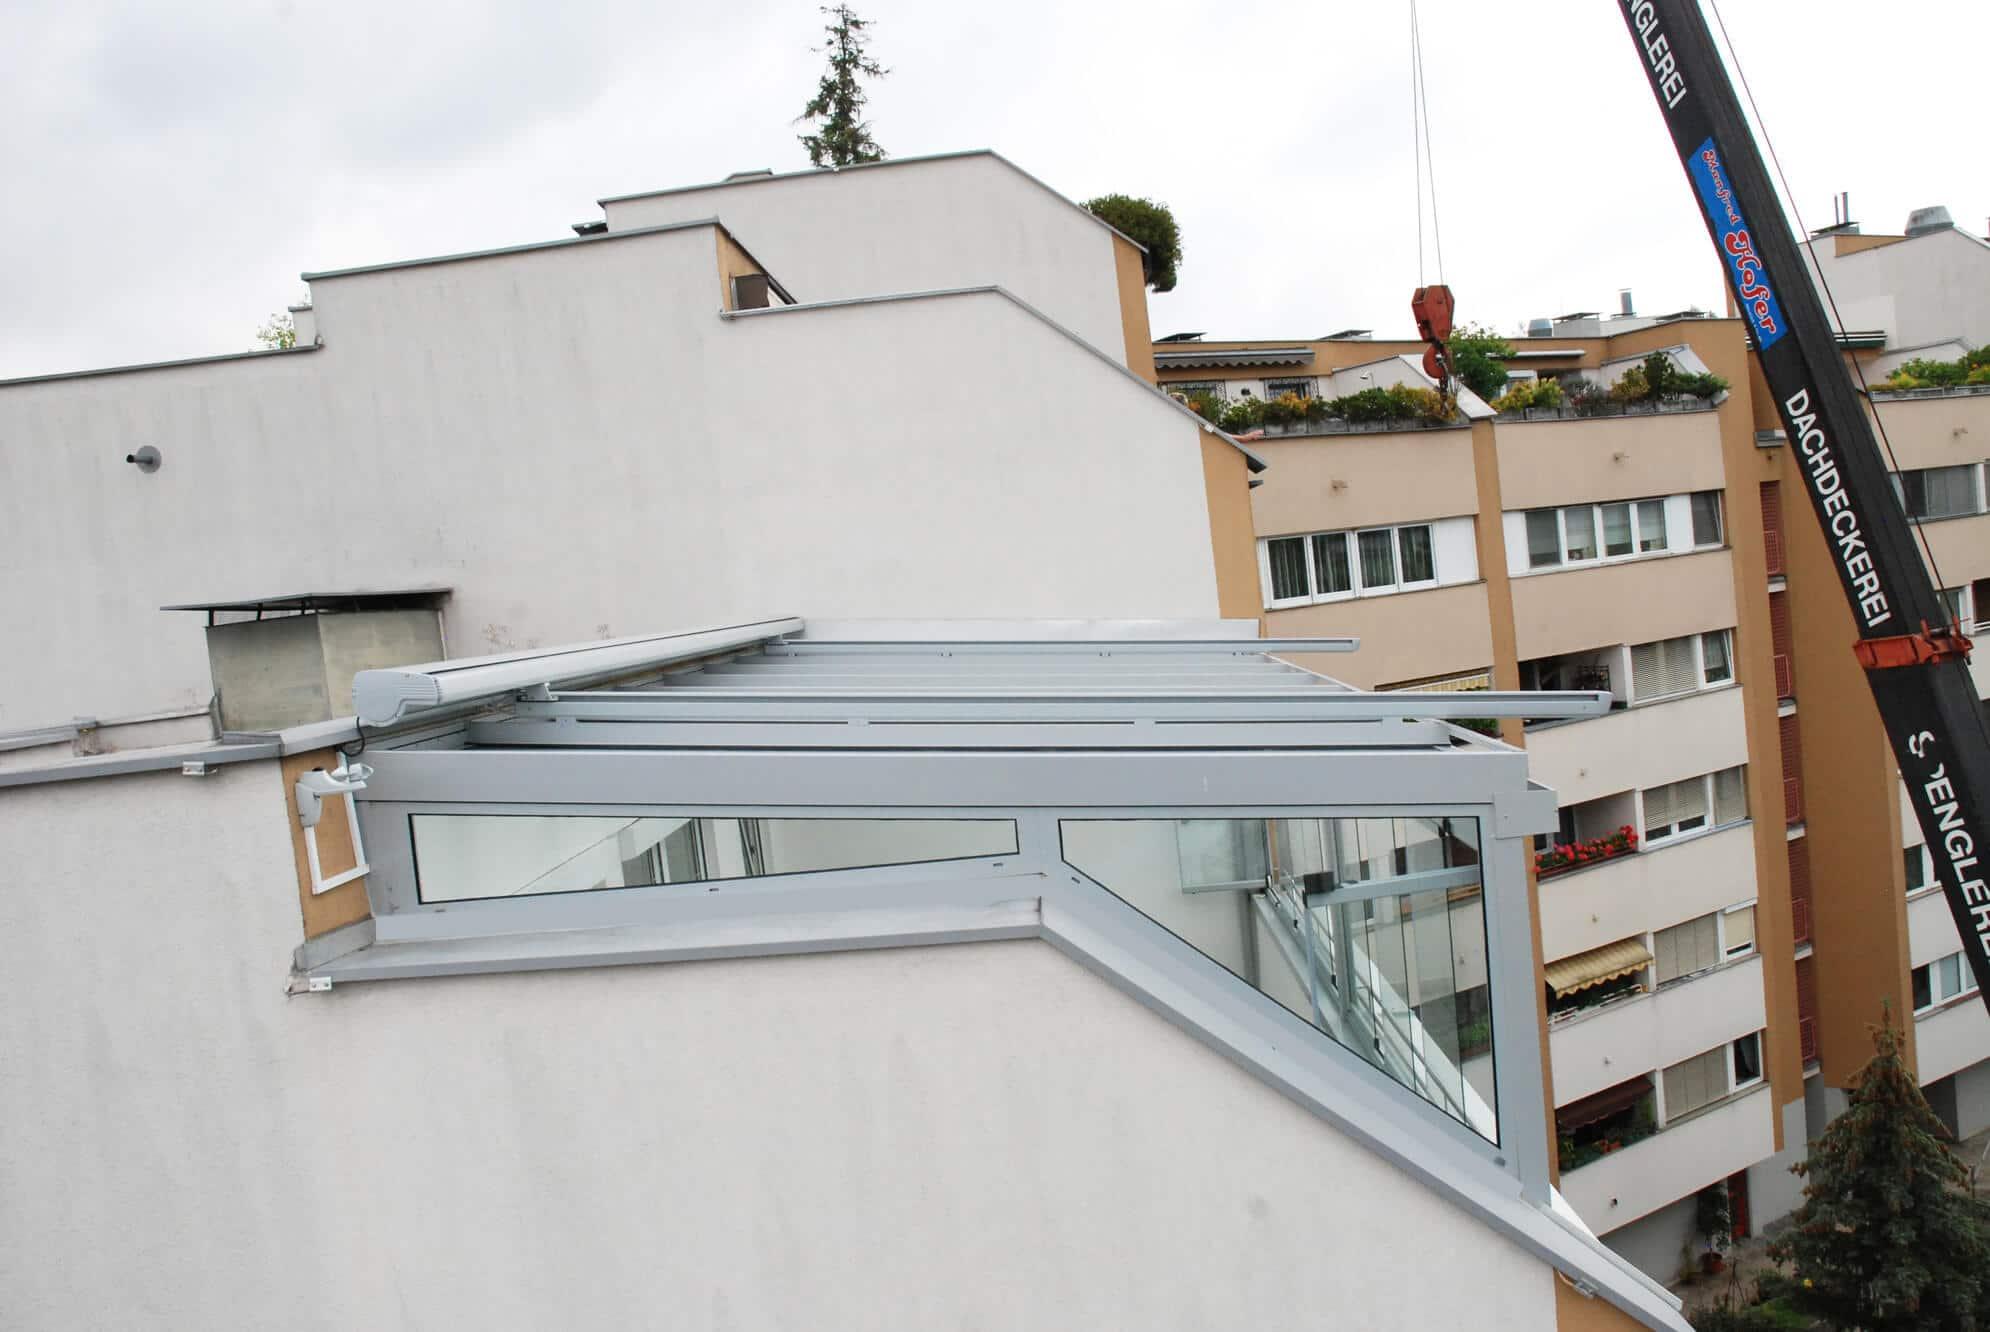 Wintergarten auf Dachterrasse montiert